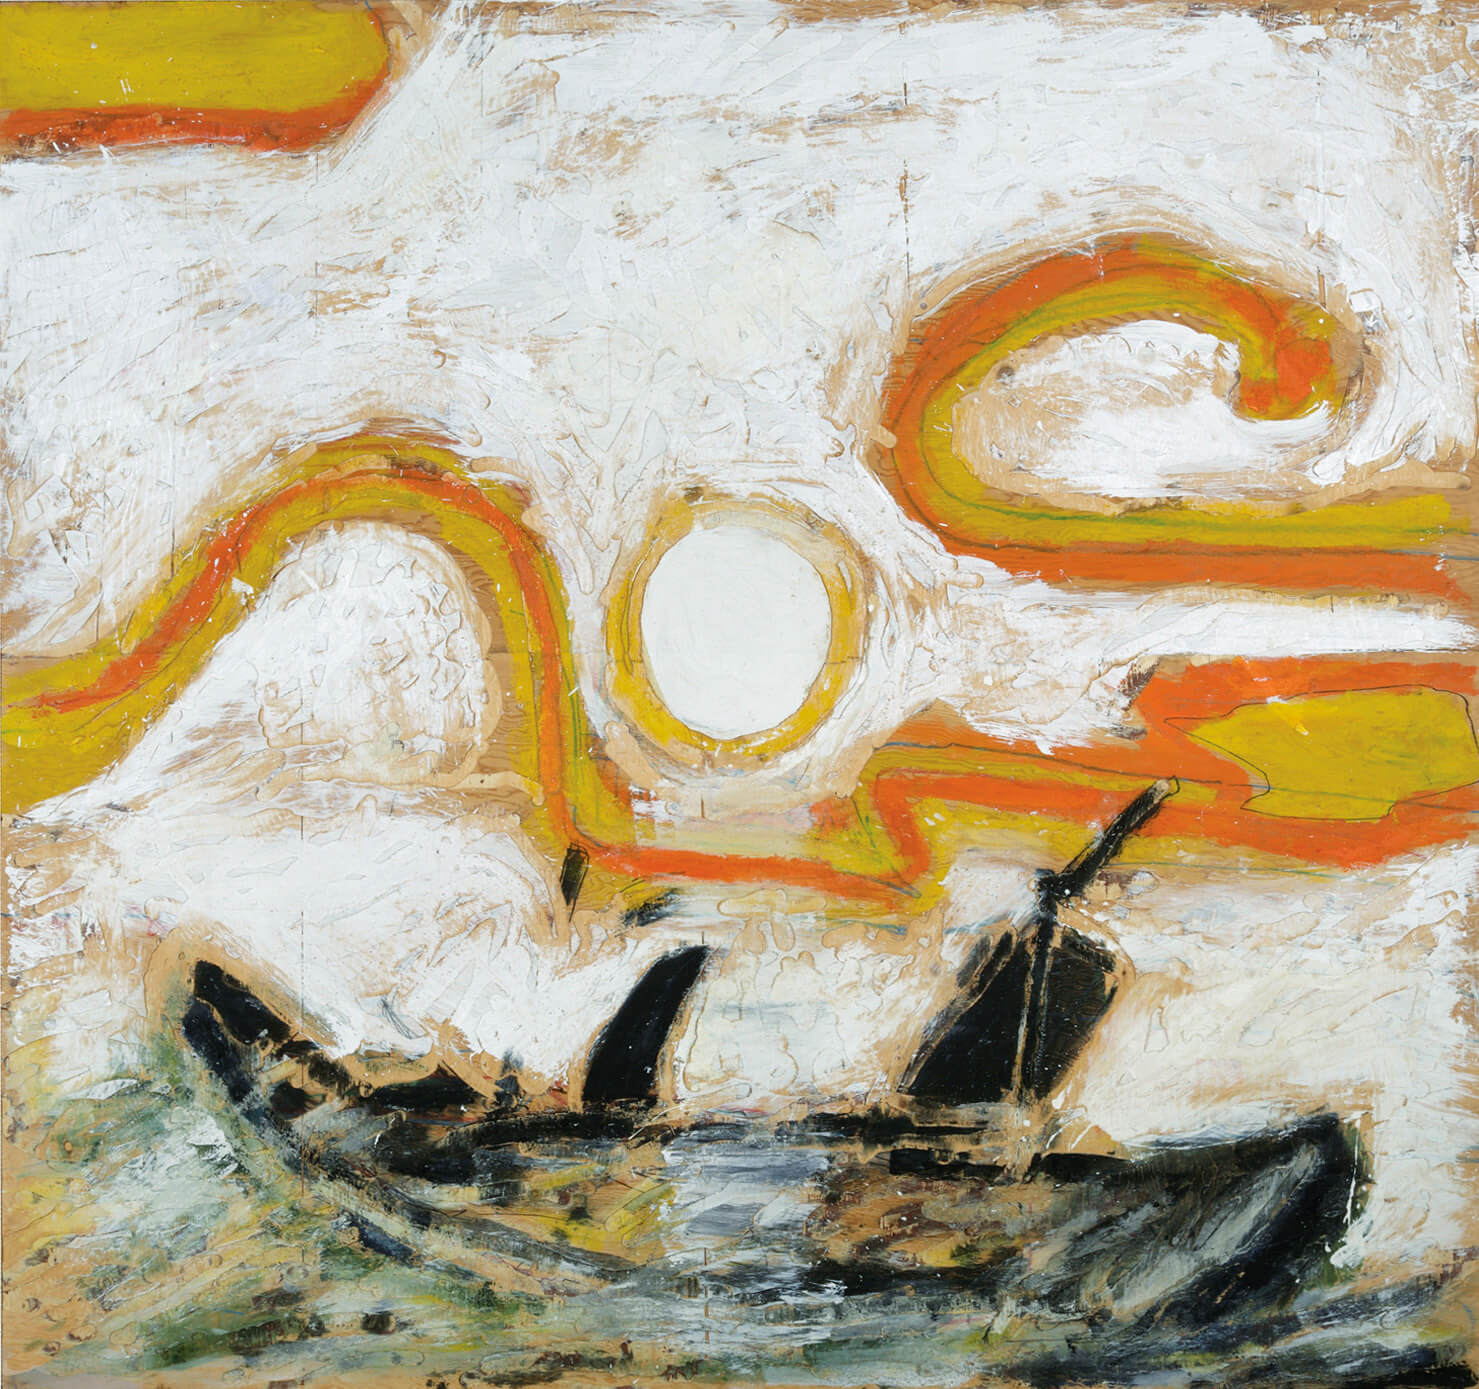 Paterson Ewen, Ship Wreck, 1987